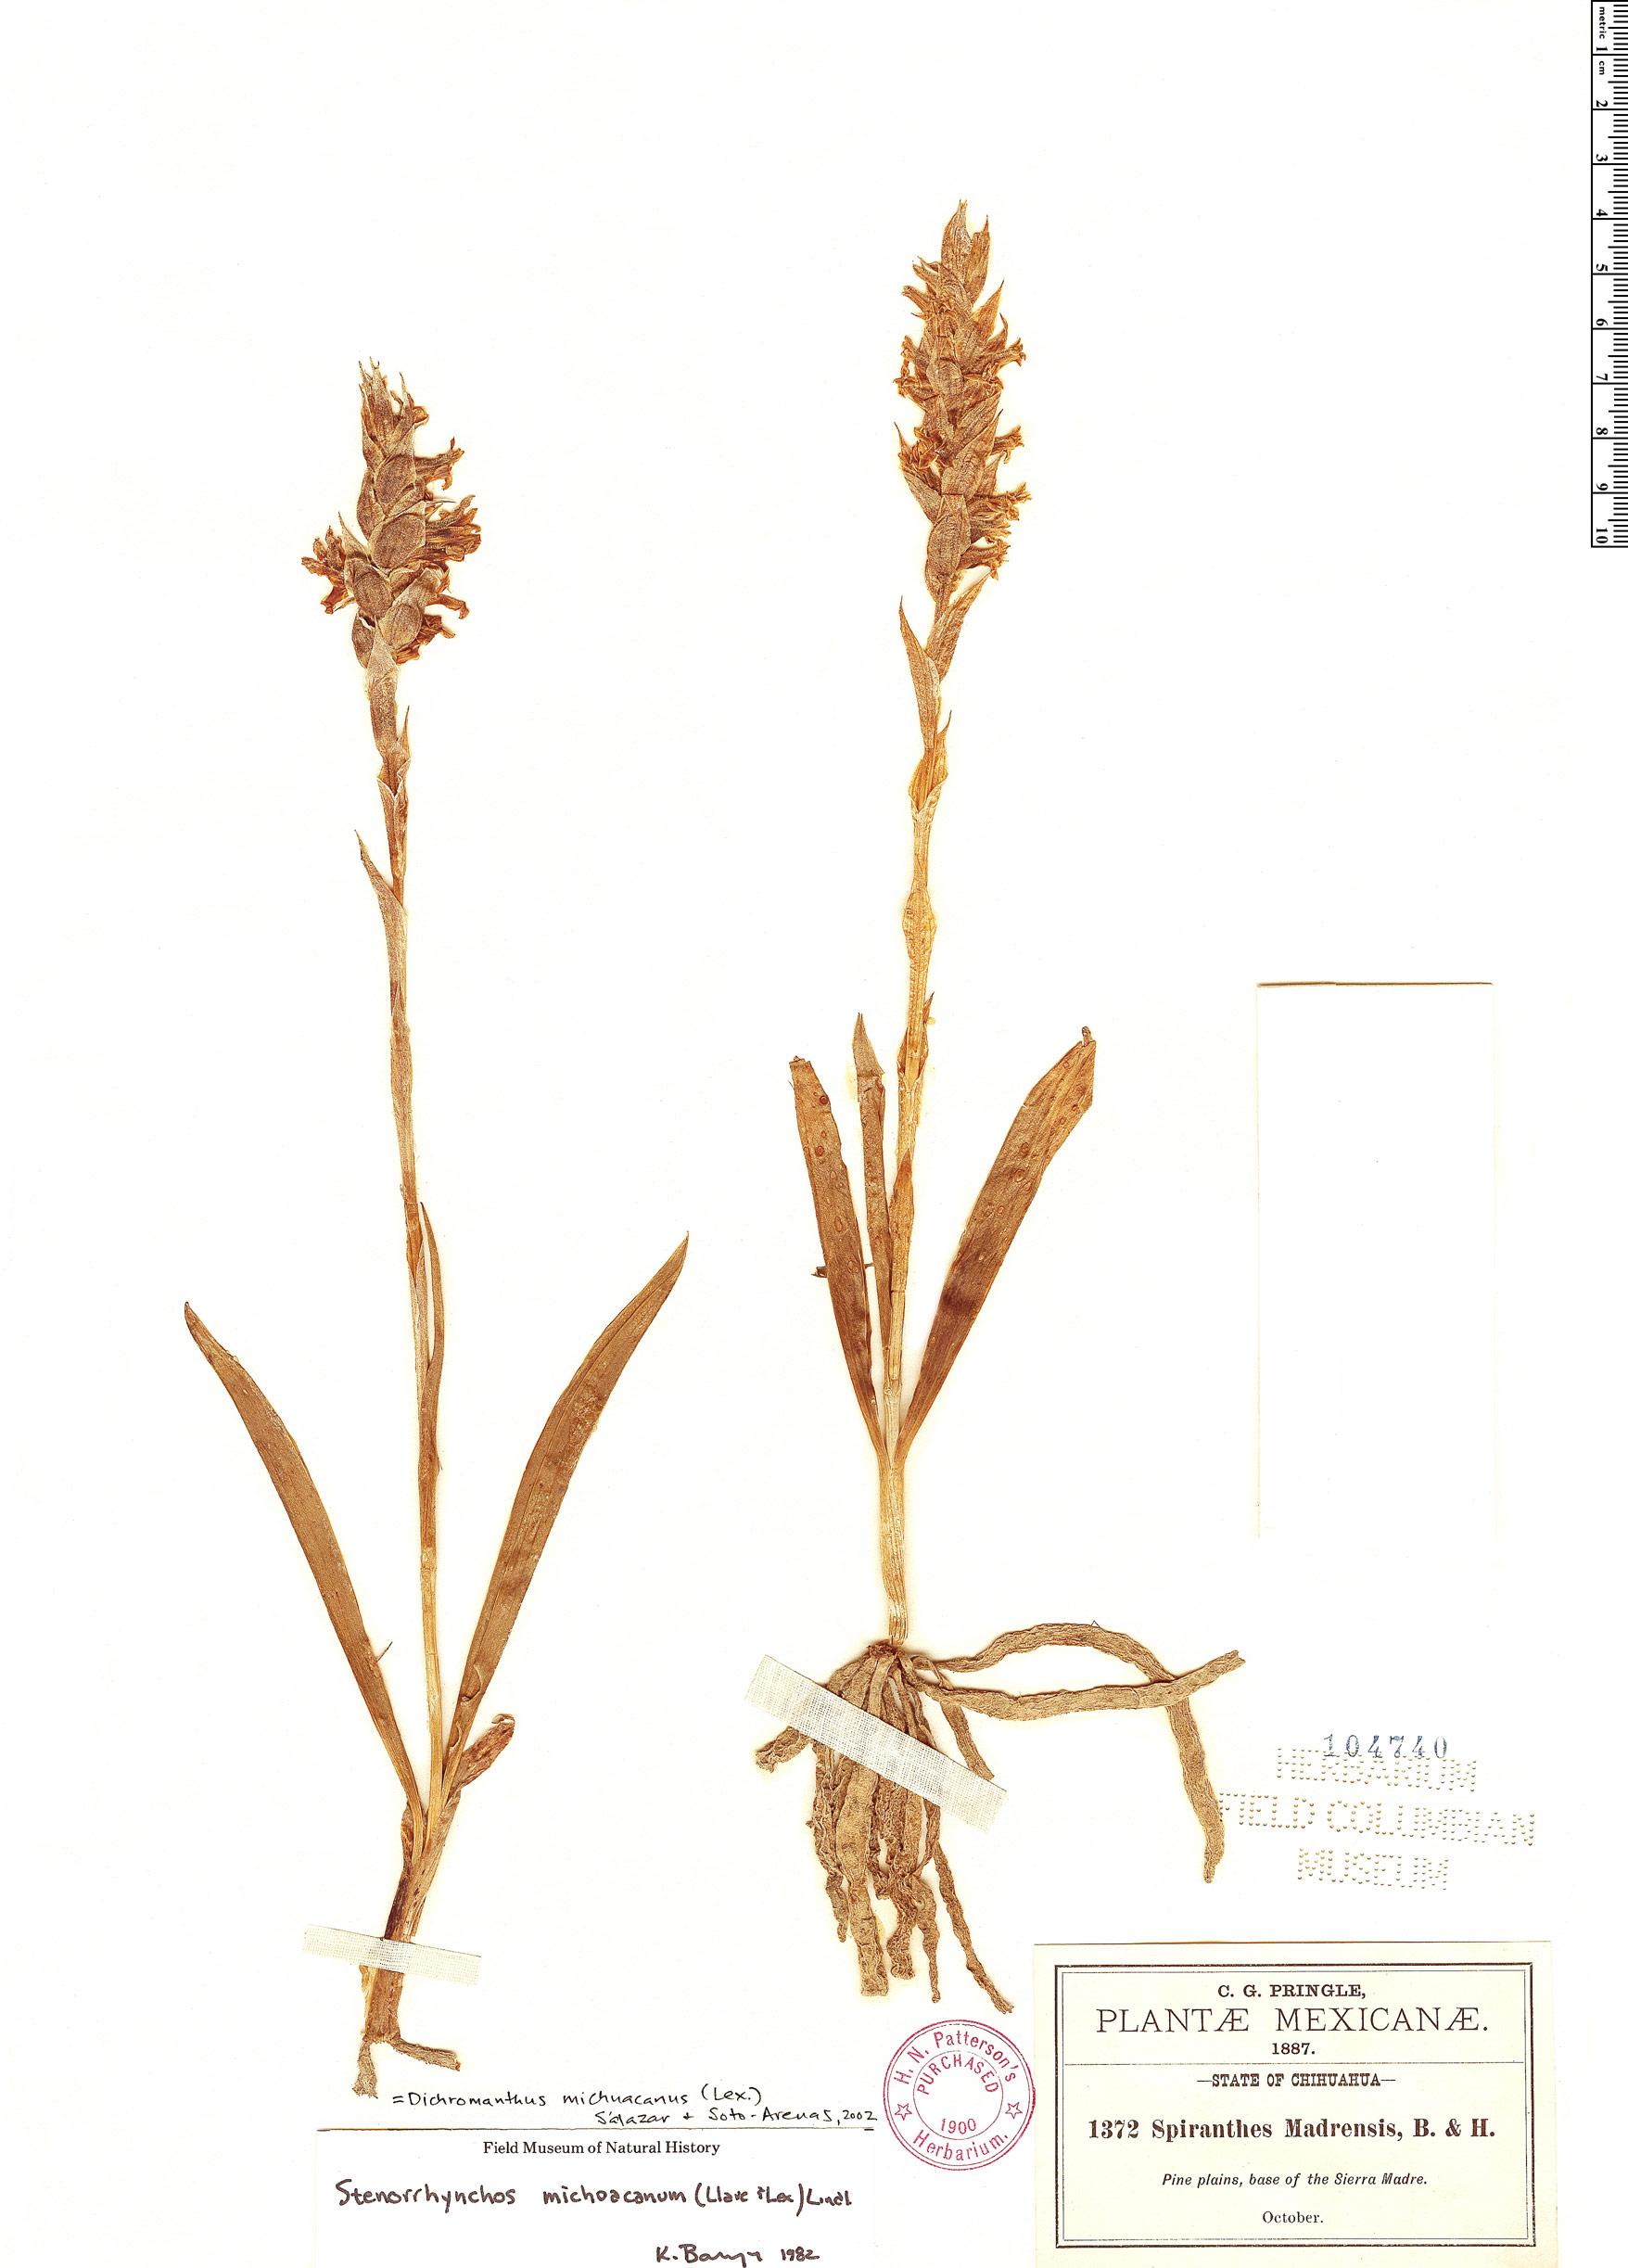 Specimen: Dichromanthus michuacanus